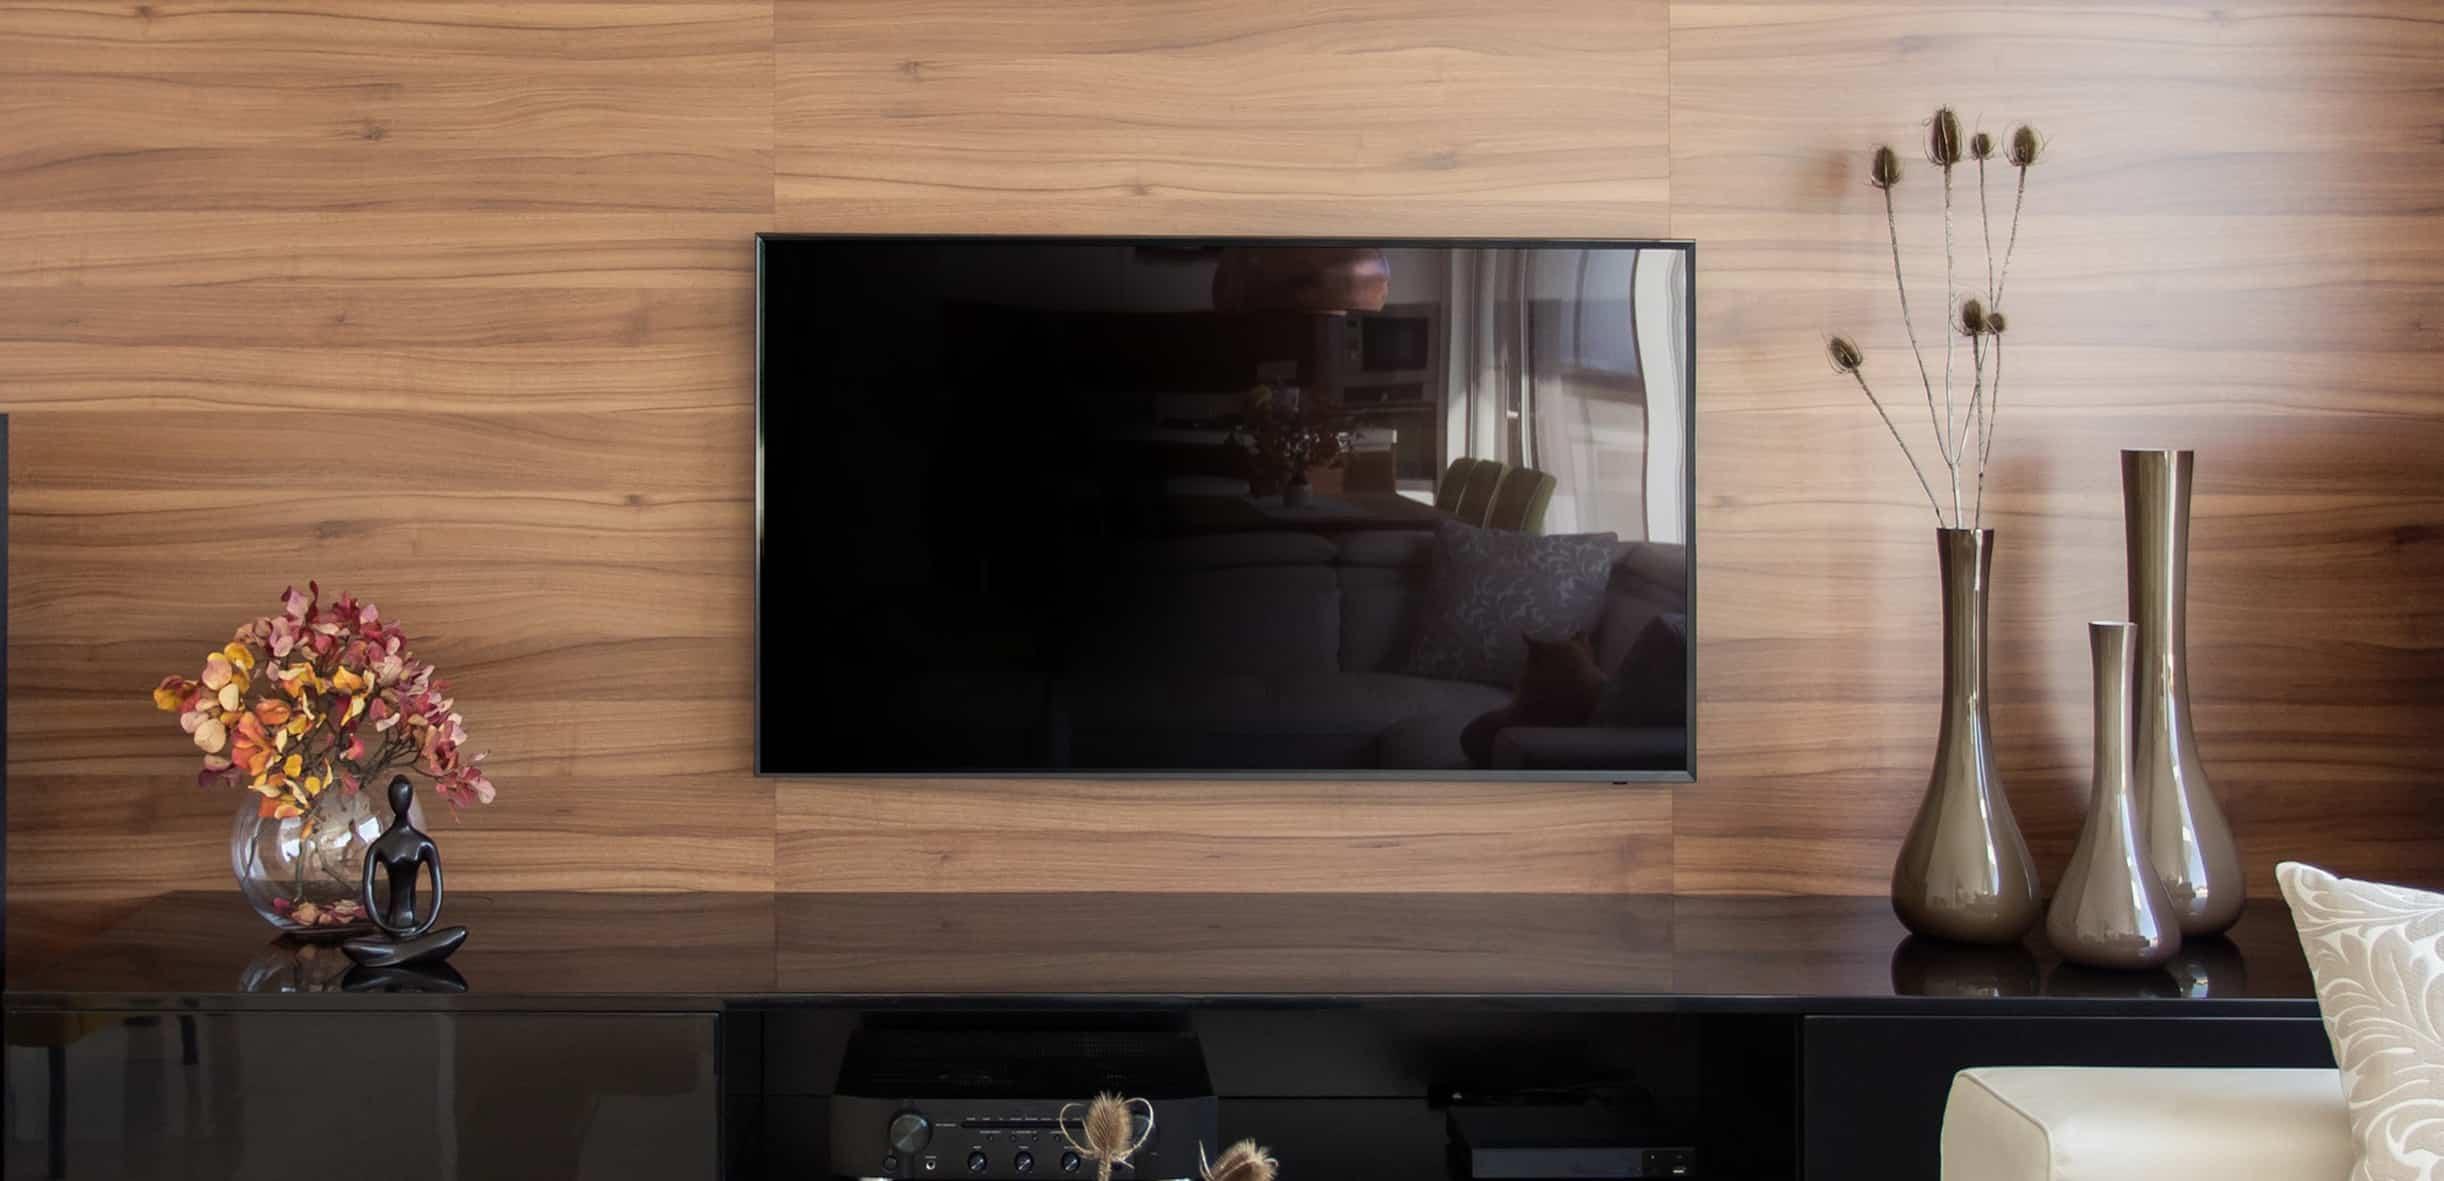 Televisore attaccato alla parete